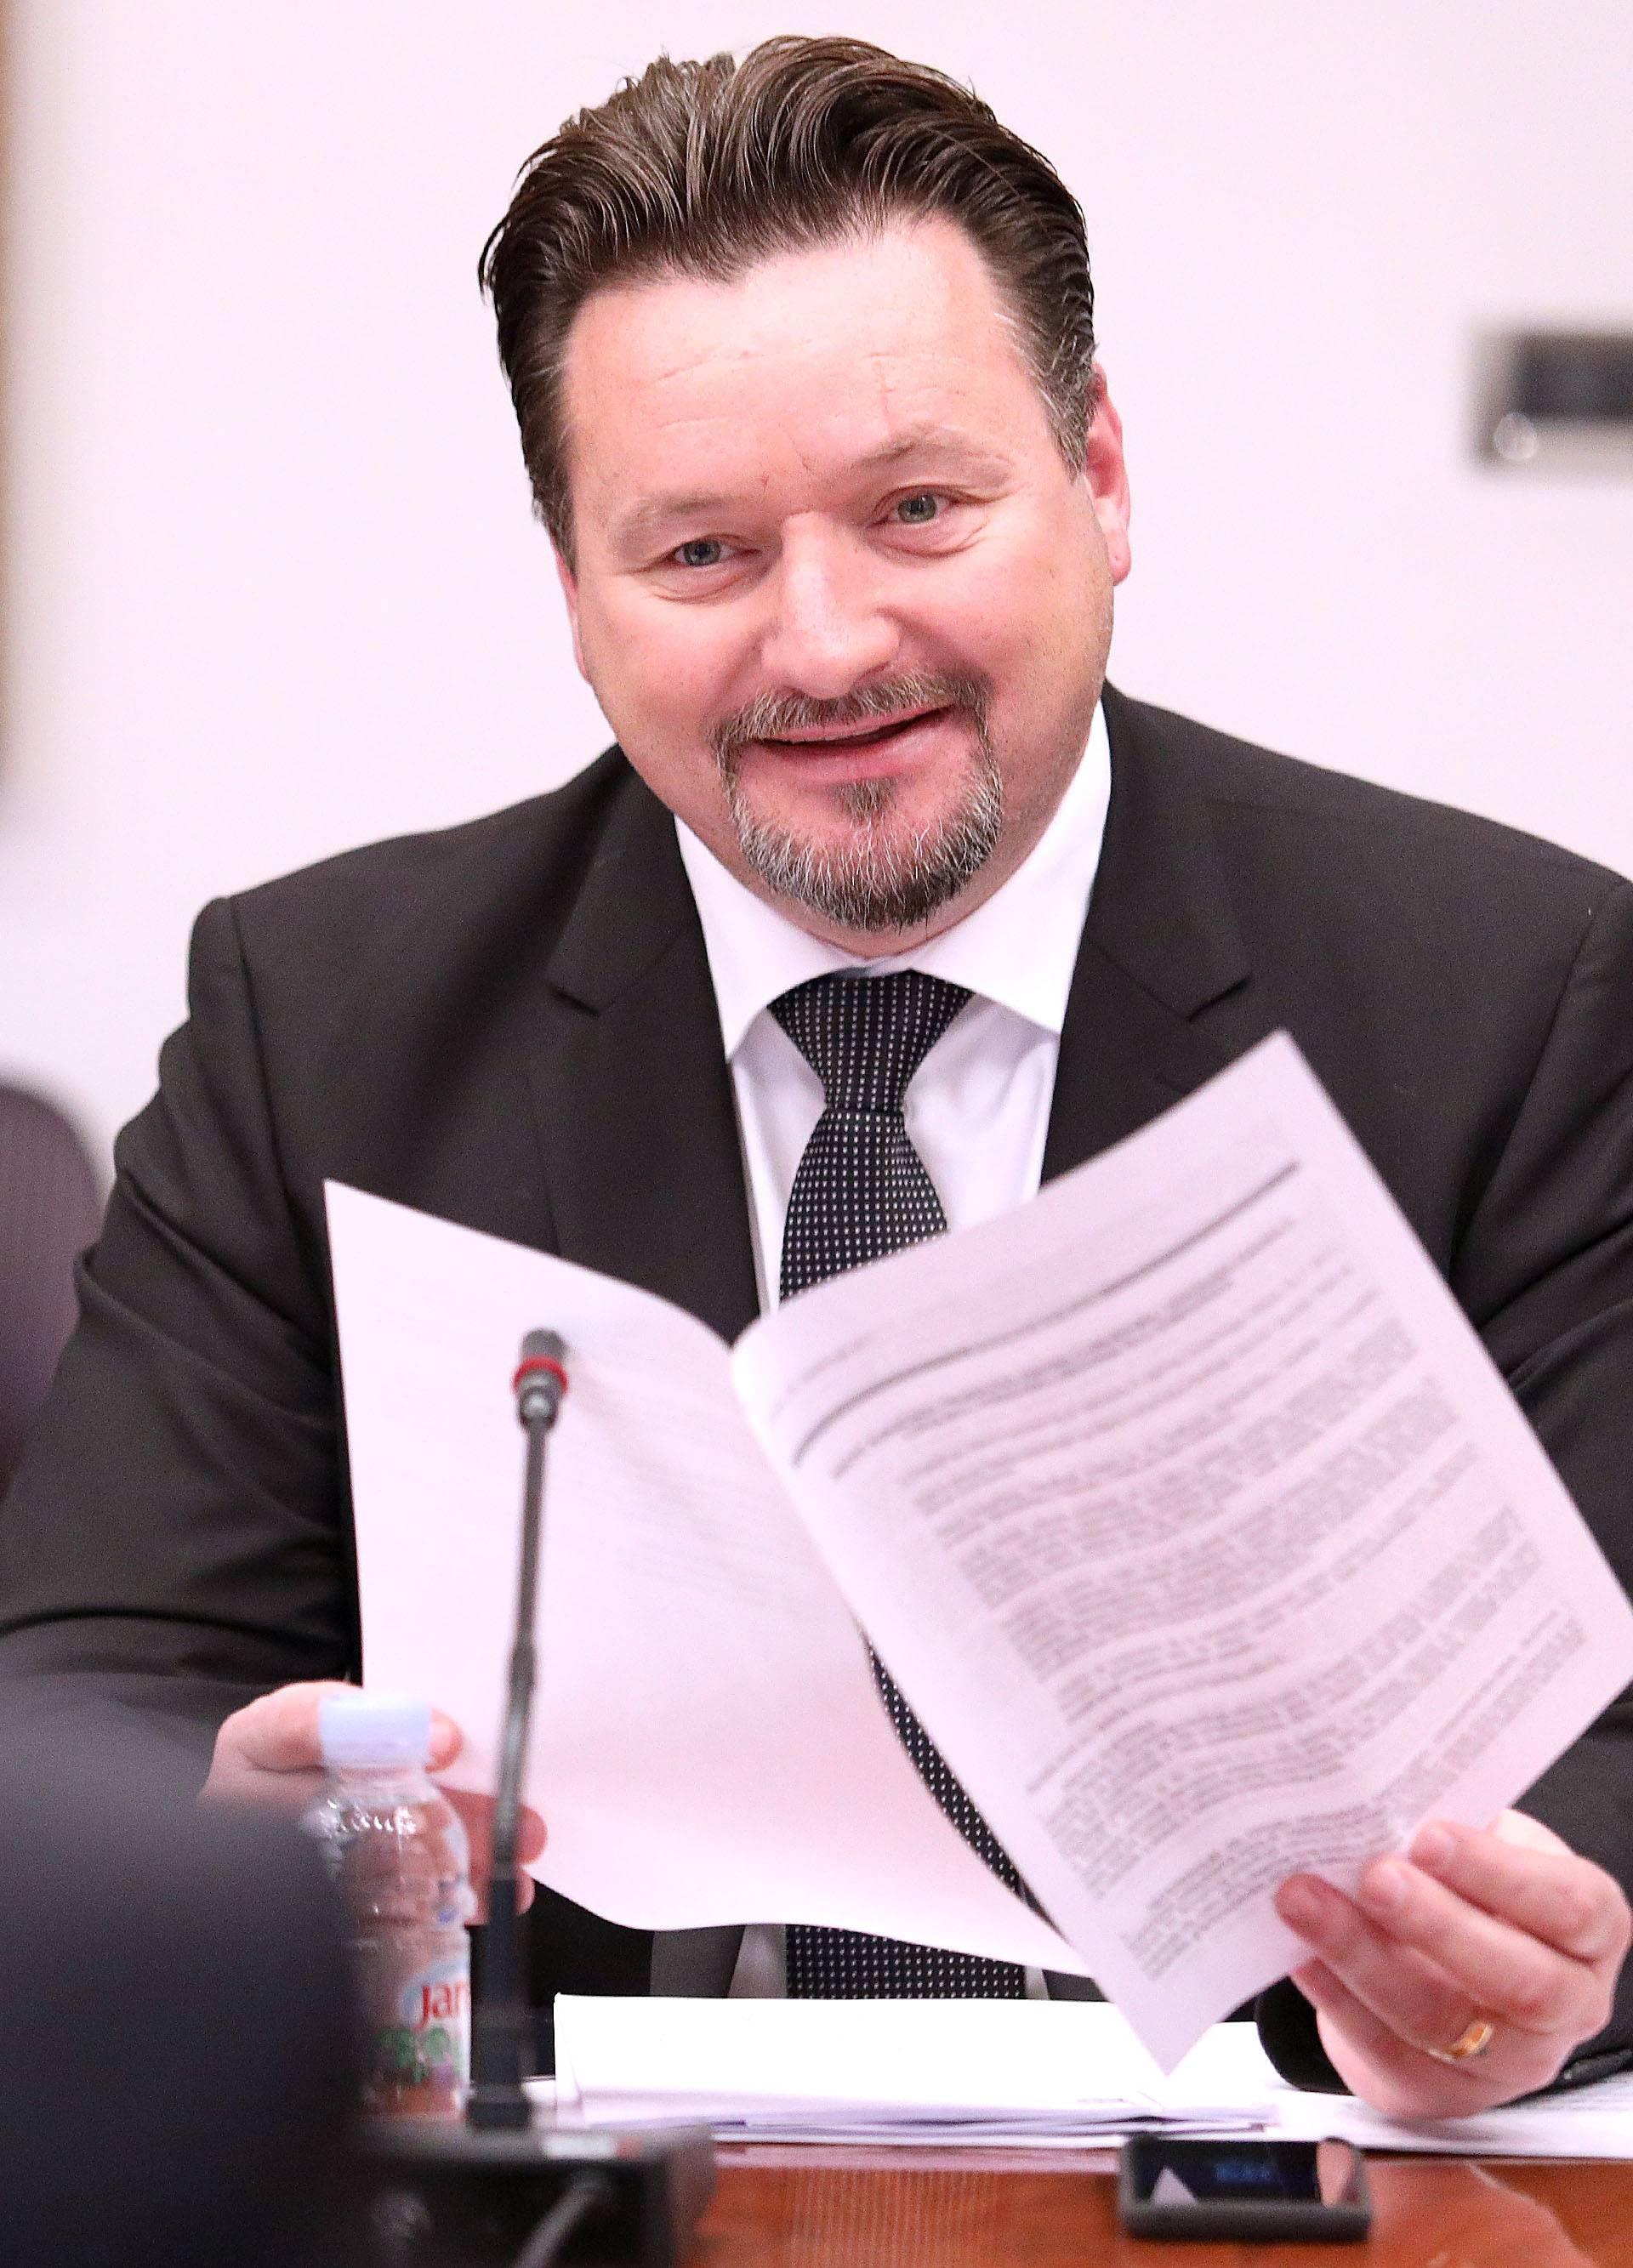 Zbog muljaža na Braču protiv Kuščevića su proširili istragu